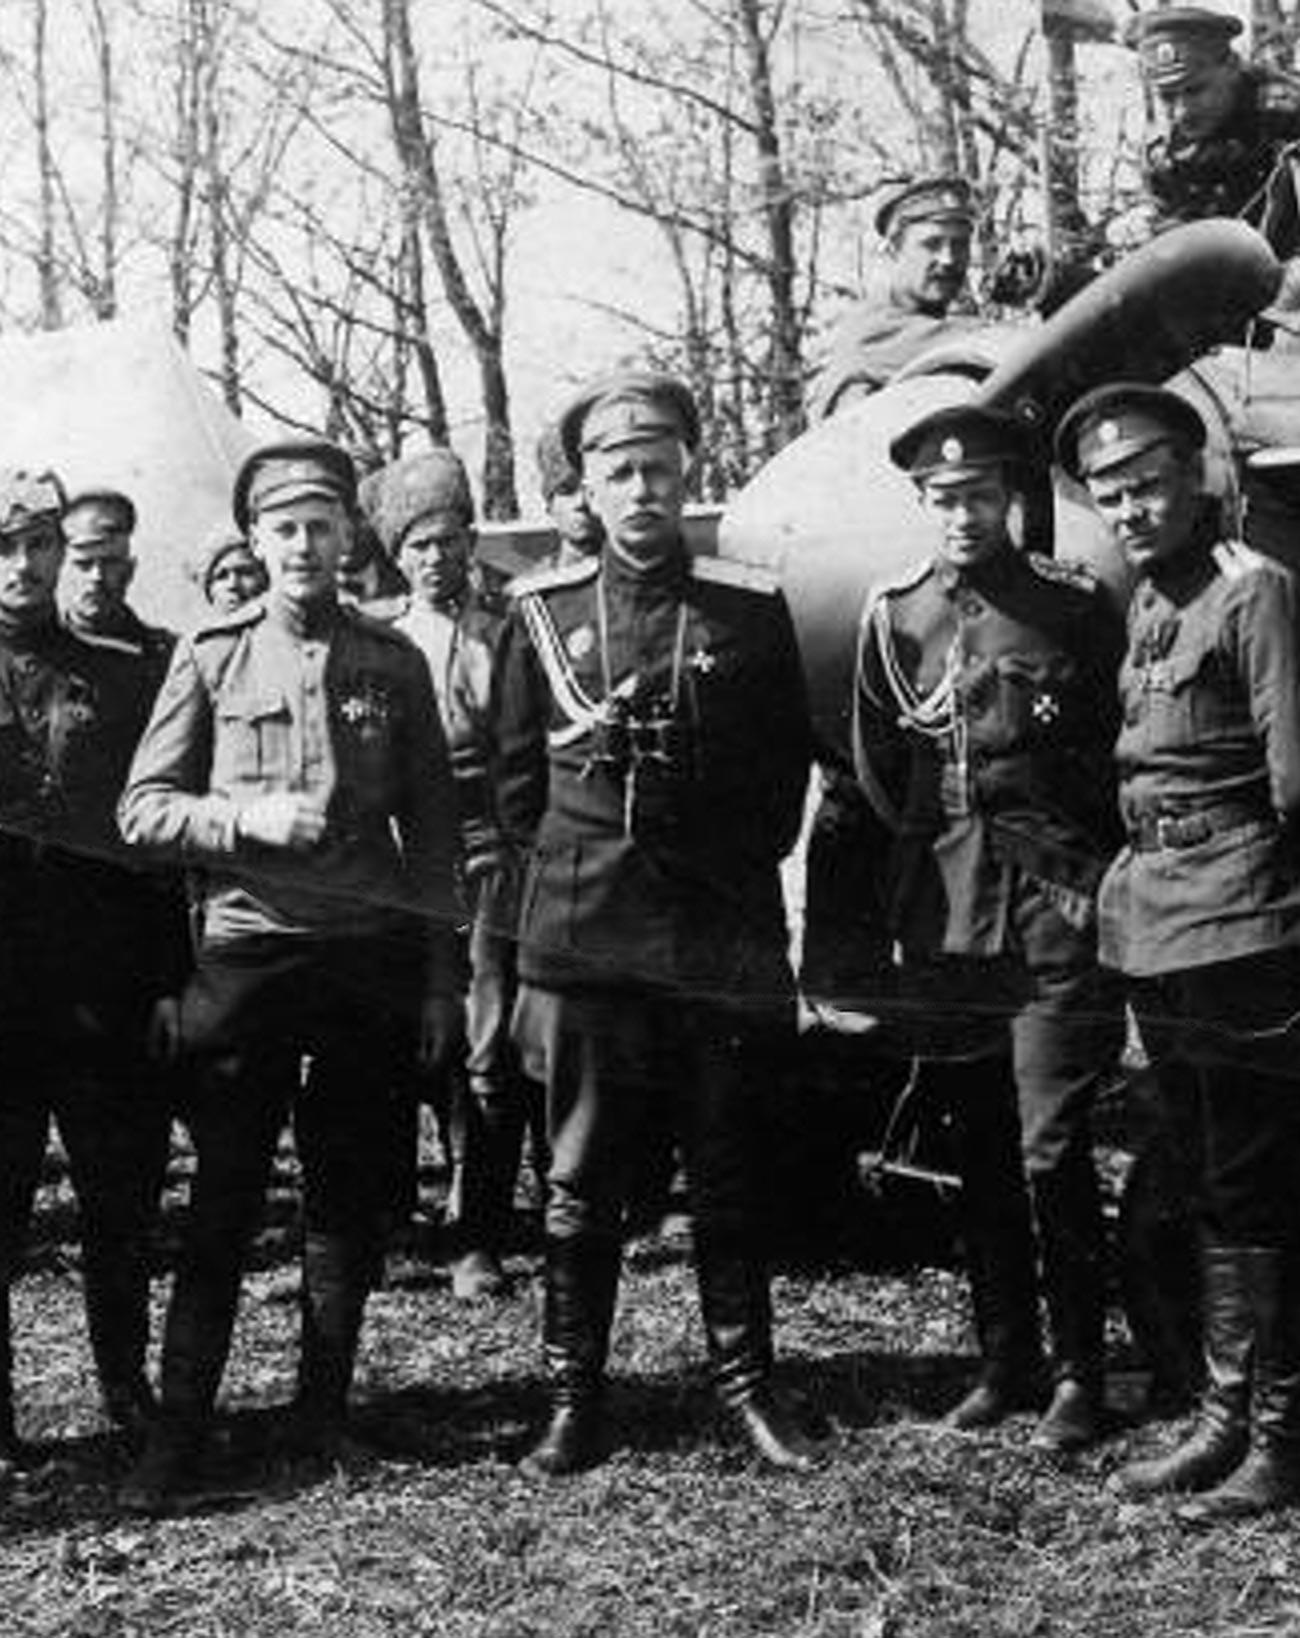 Le commandant dans l'armée soviétique Andreï Snesarev, mars 1917